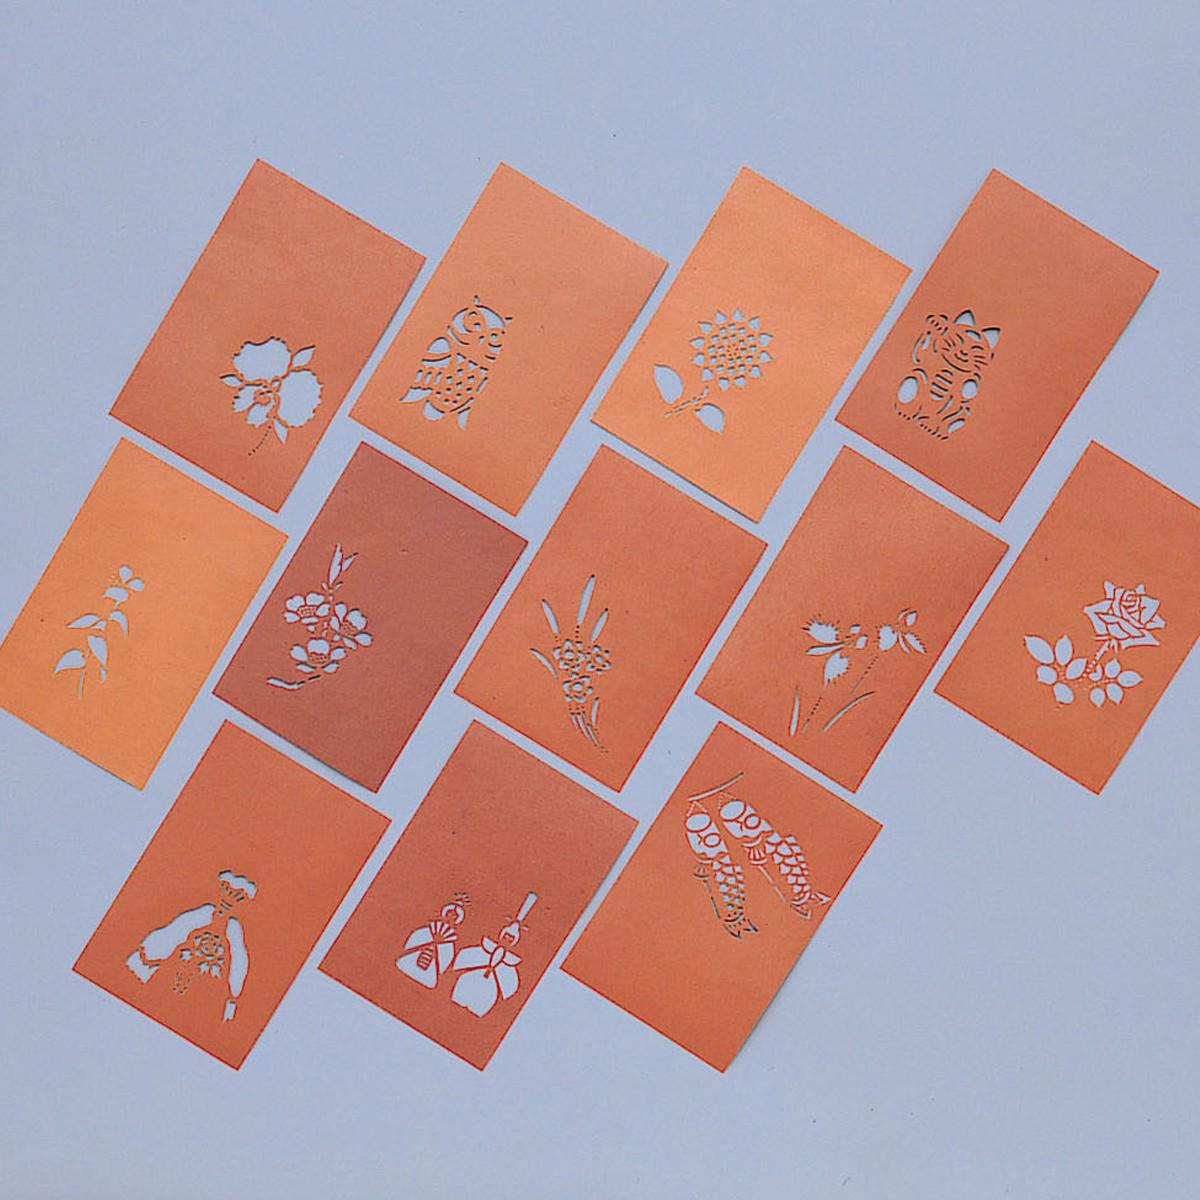 [ ゆうパケット可 ] ステンシル型紙 渋紙 12種セット 【 版画 ステンシル はんが 型紙 】